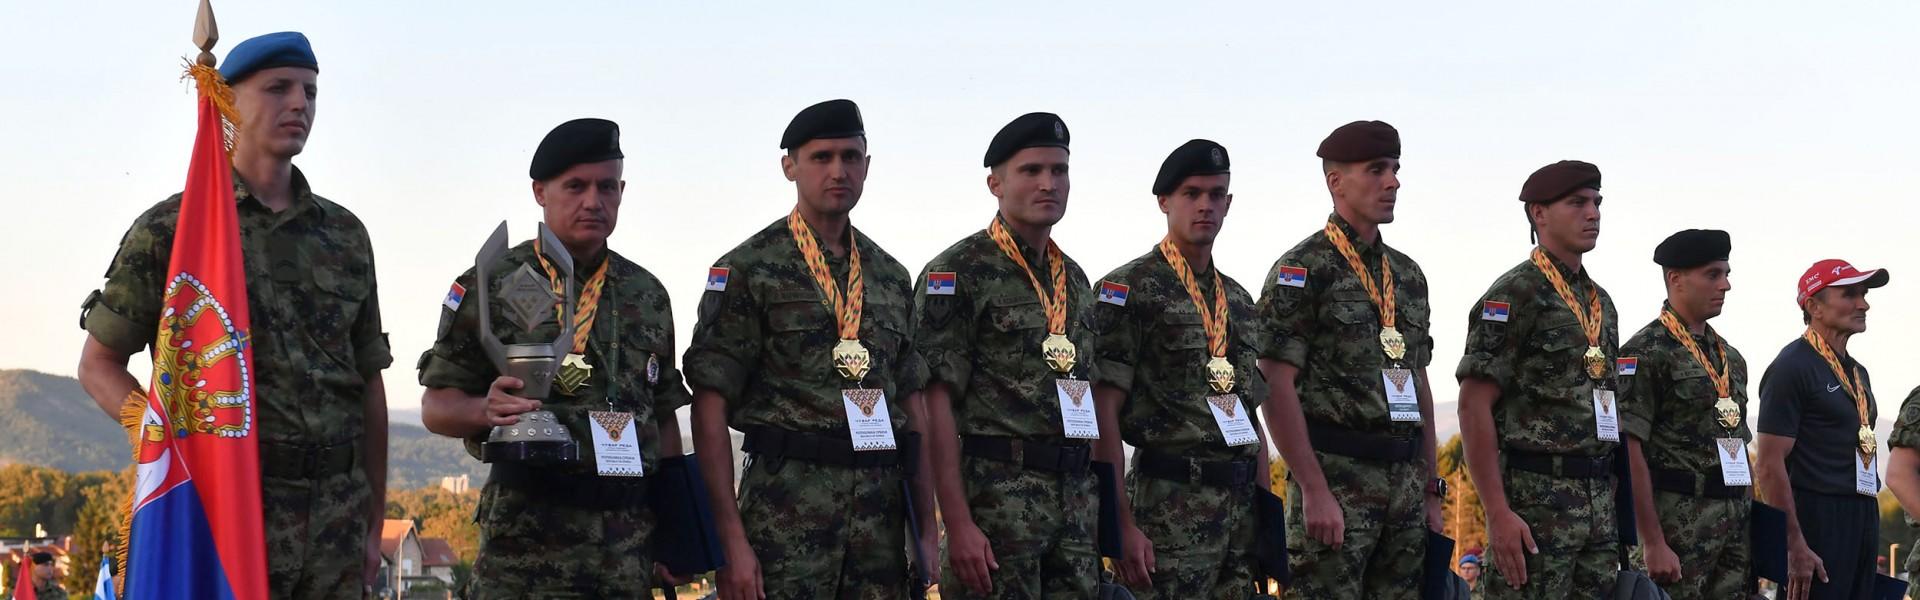 Триумф команды Вооруженных сил Сербии в конкурсе